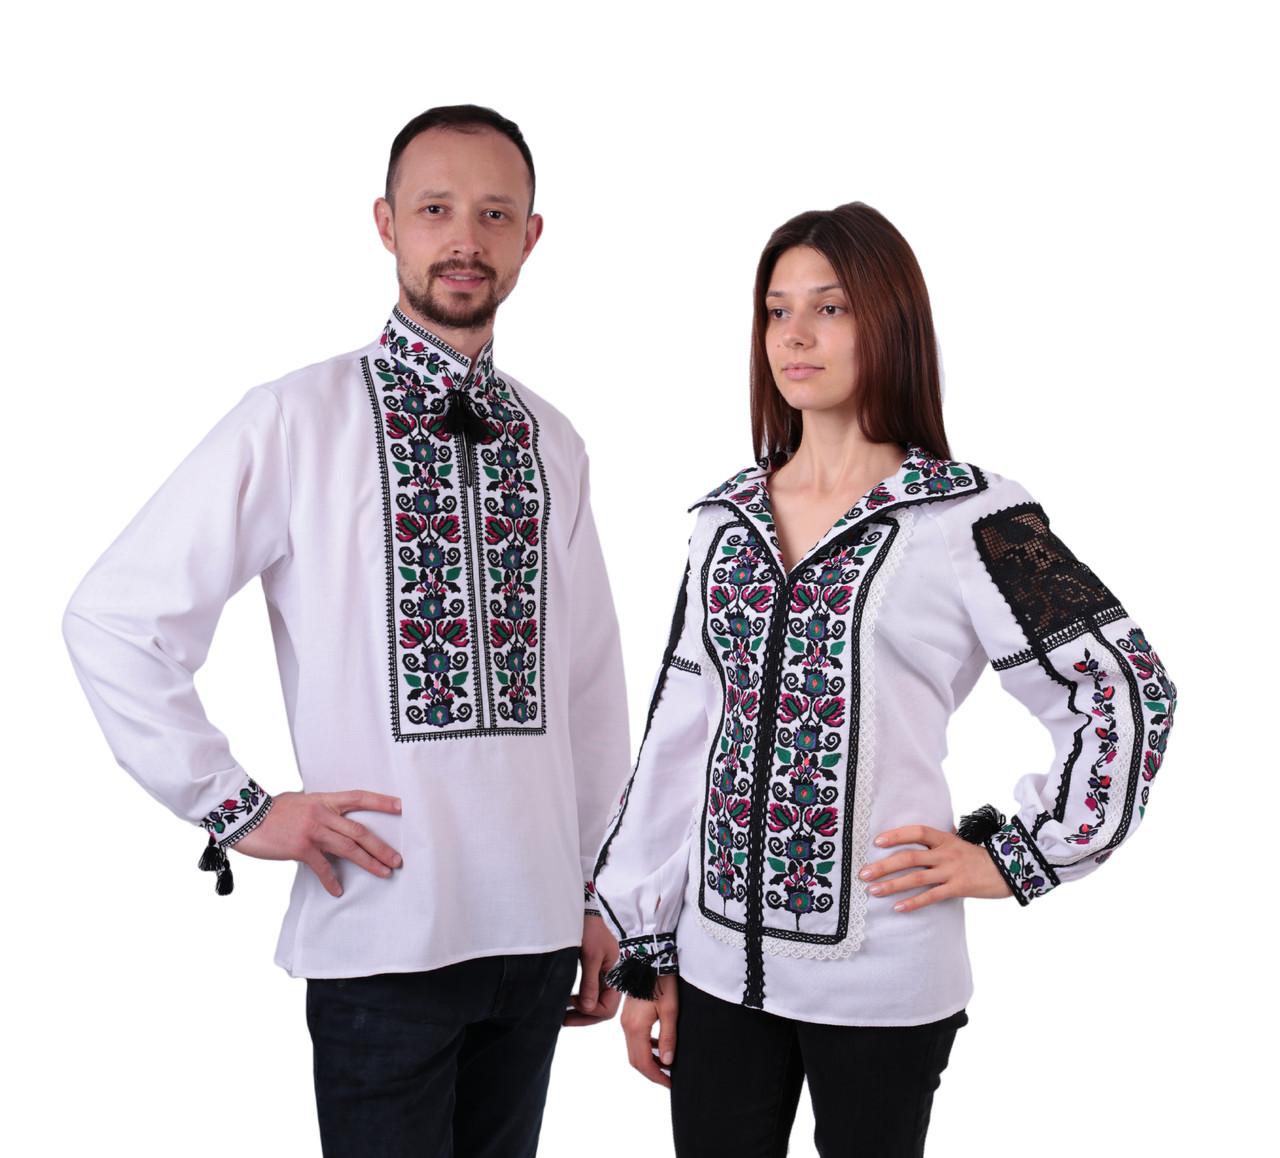 Пара вишиванок білого кольору з квітковим орнаментом з машинною вишивкою